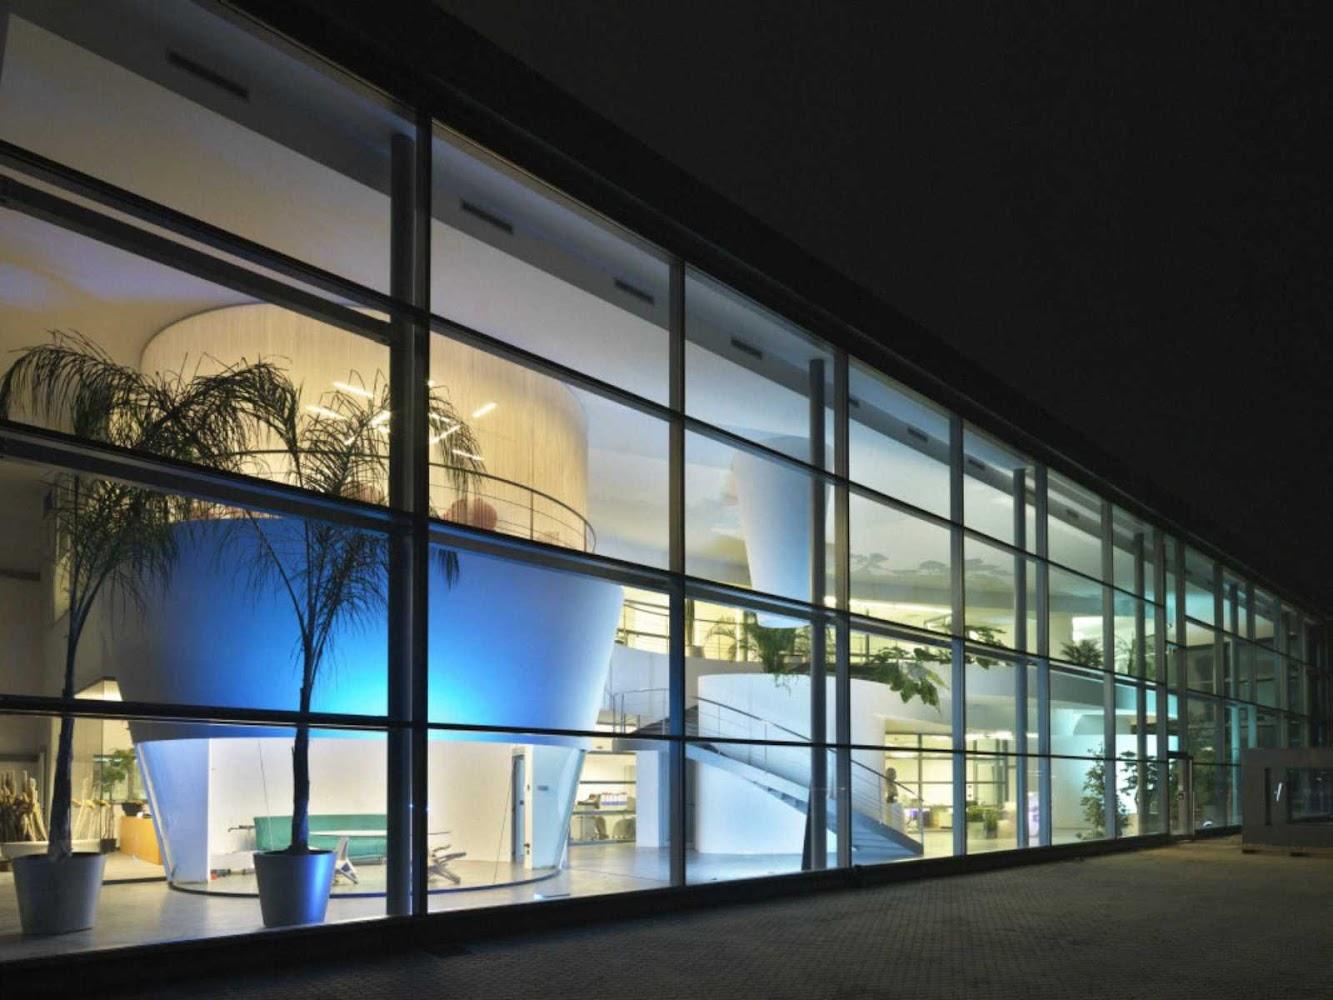 Cuneo Cn, Italia: Coni Rovesci by Damilano Studio Architects